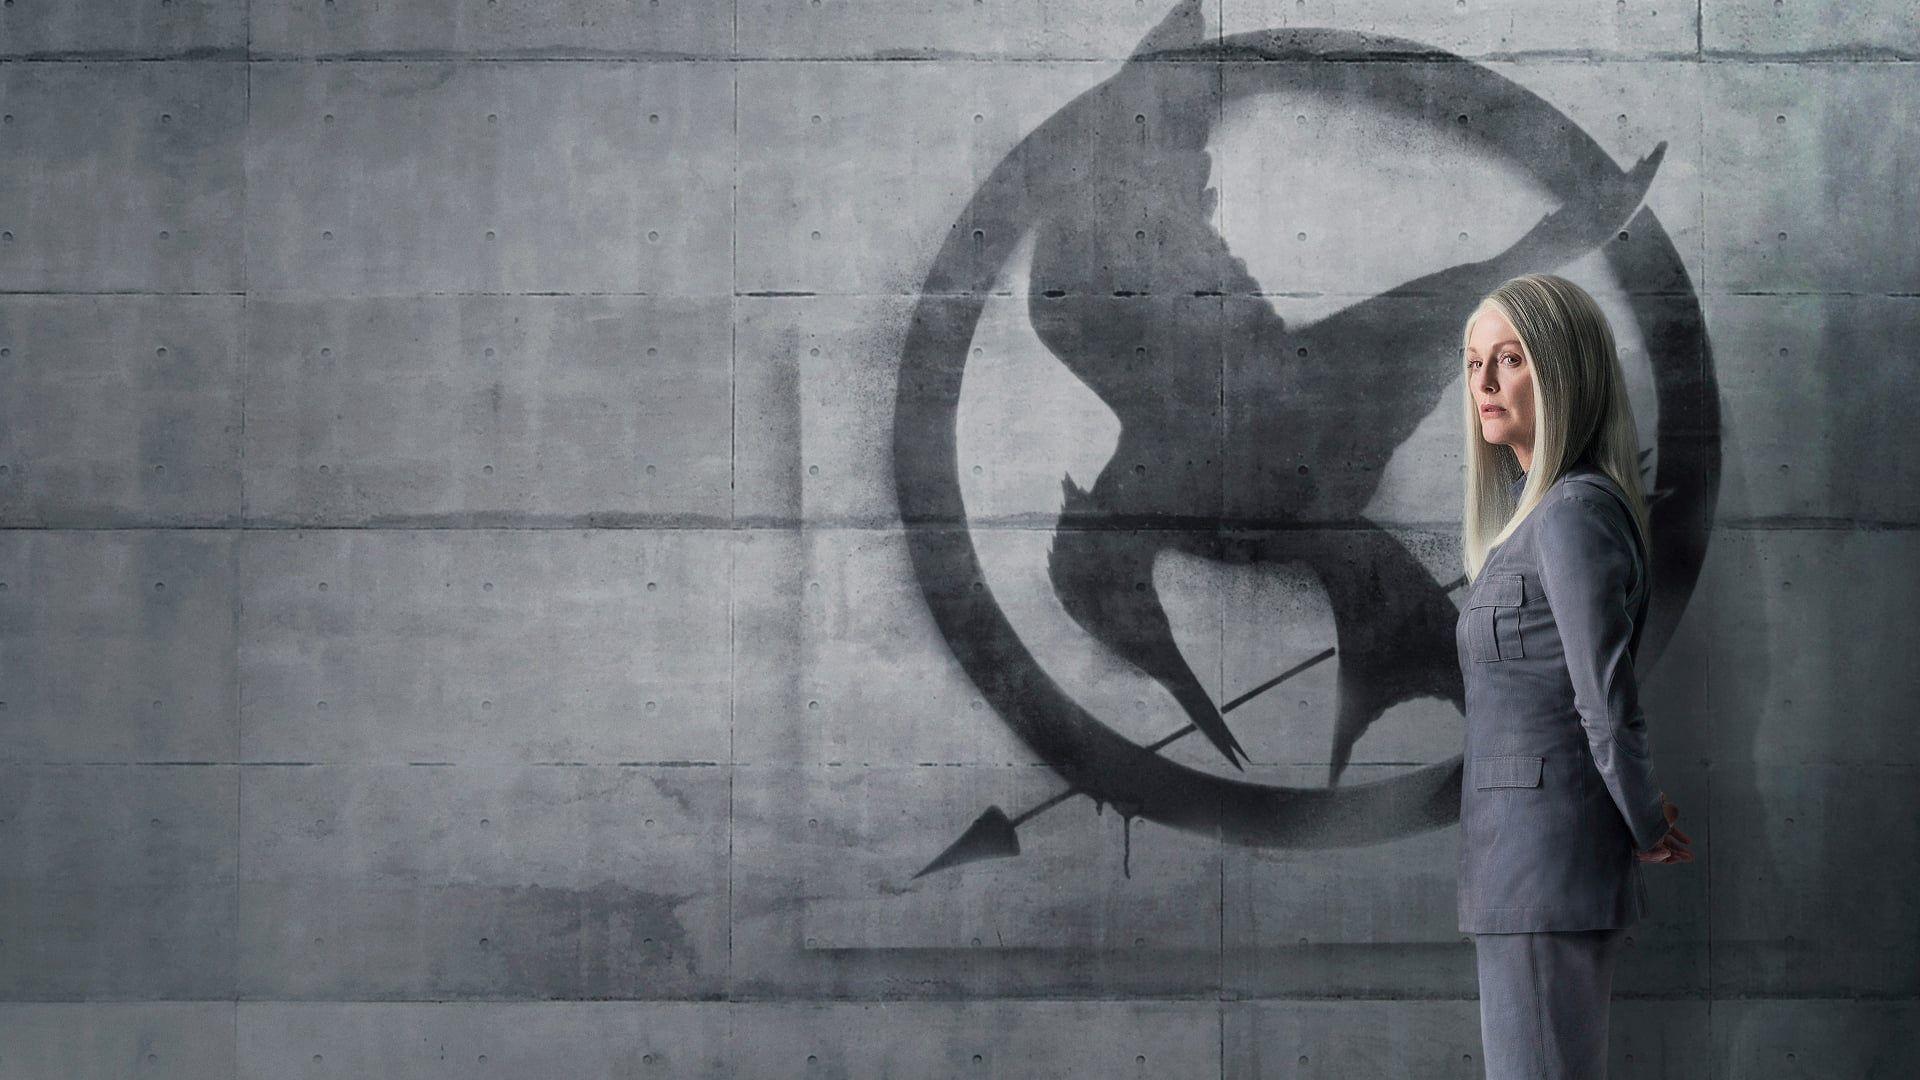 Hunger Games Il Canto Della Rivolta Parte 1 2014 Streaming Ita Cb01 Film Completo Italiano Altadefinizione Katnis Hunger Games Mockingjay Free Movies Online